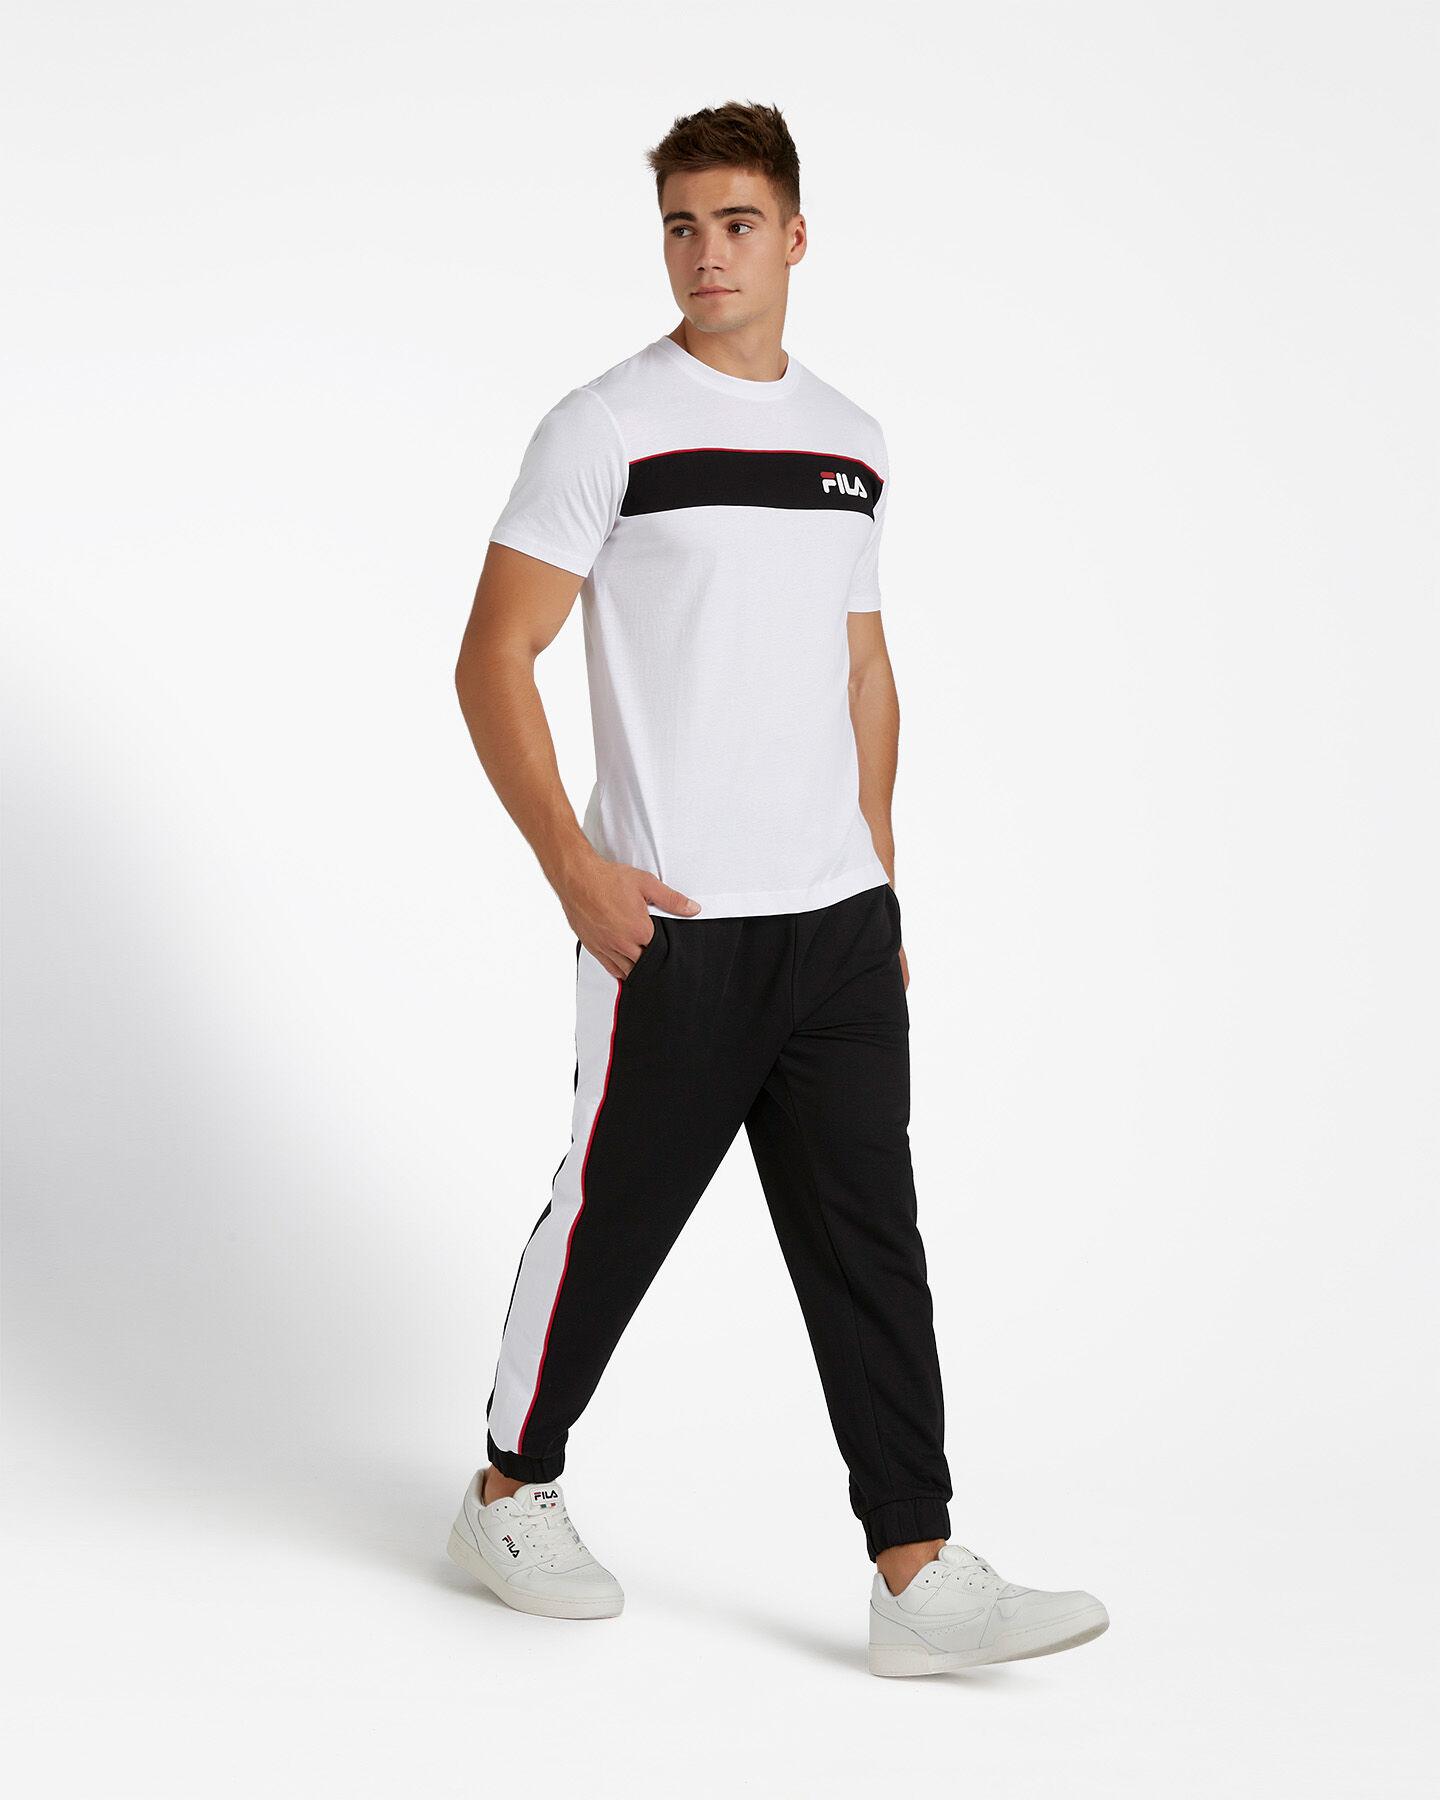 T-Shirt FILA SM LOGO M S4080445 scatto 3